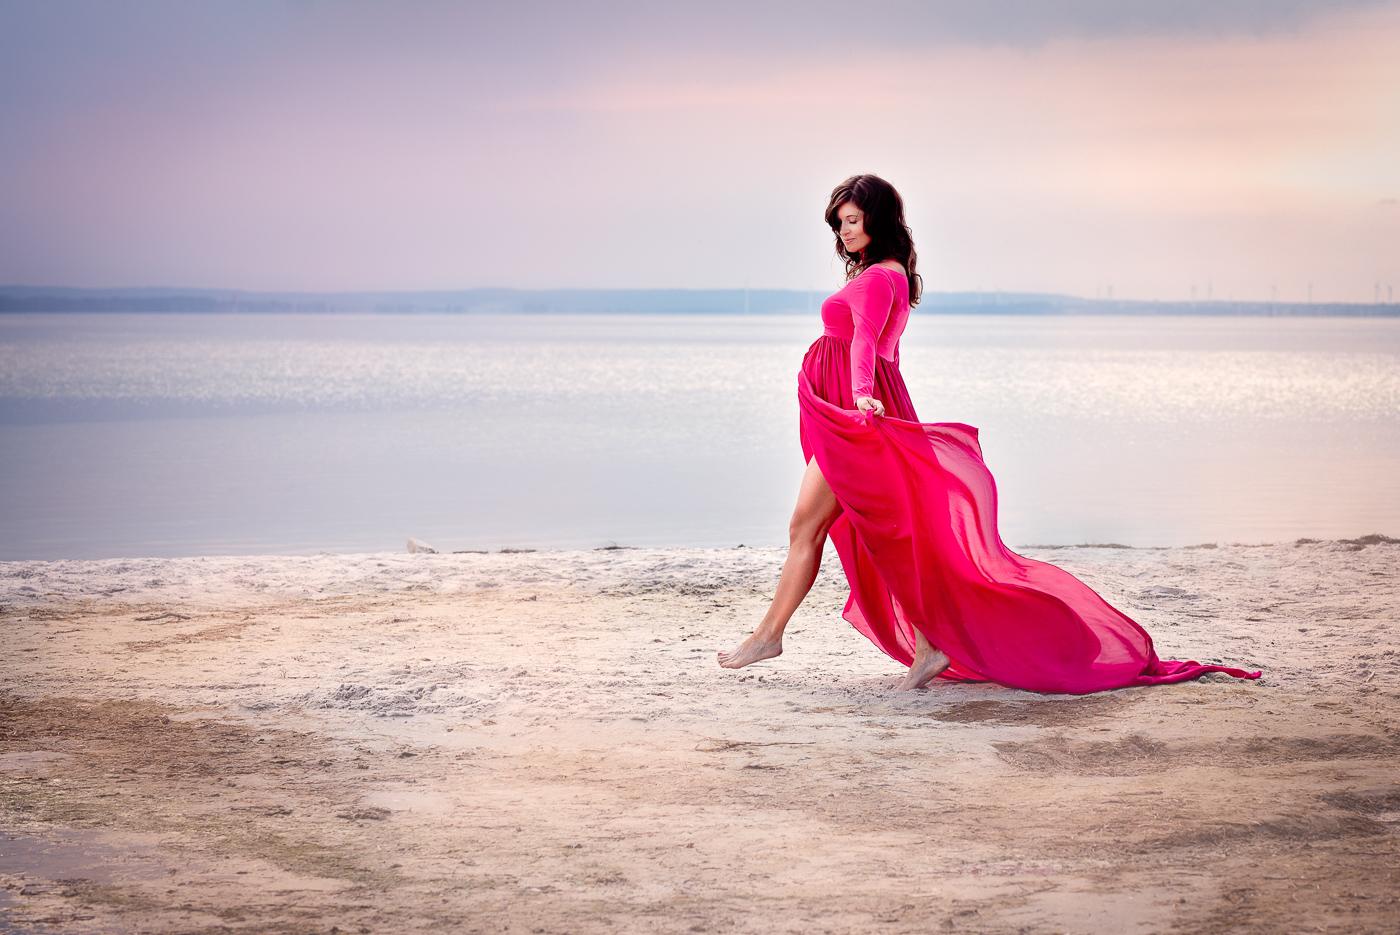 przyszła mama zdjęcie o zachodzie słońca na plaży nad morzem, falująca sukienka_Trójmiasto Anita Talaśka Fotografia